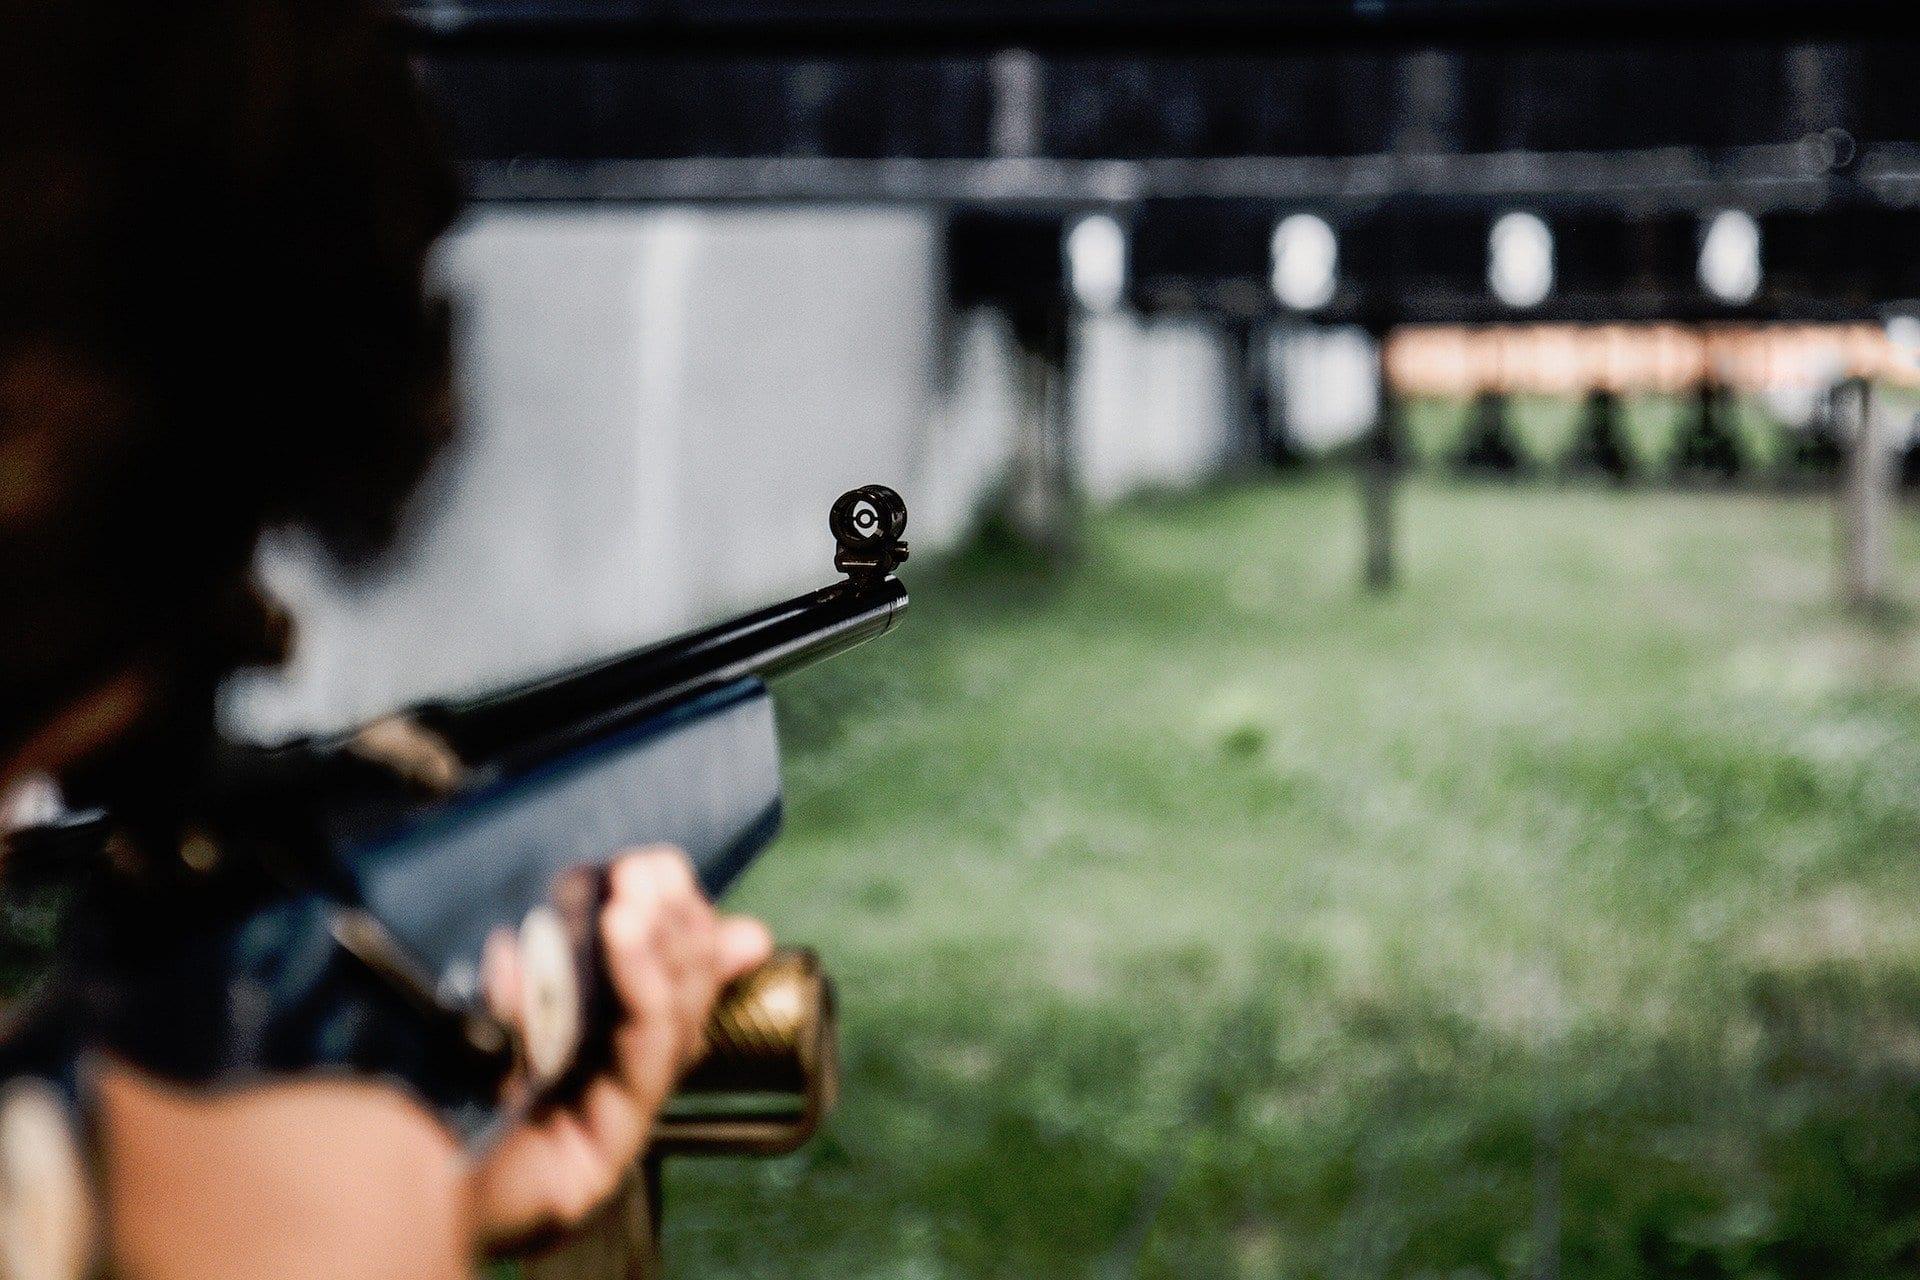 dispose of ammo at gun range